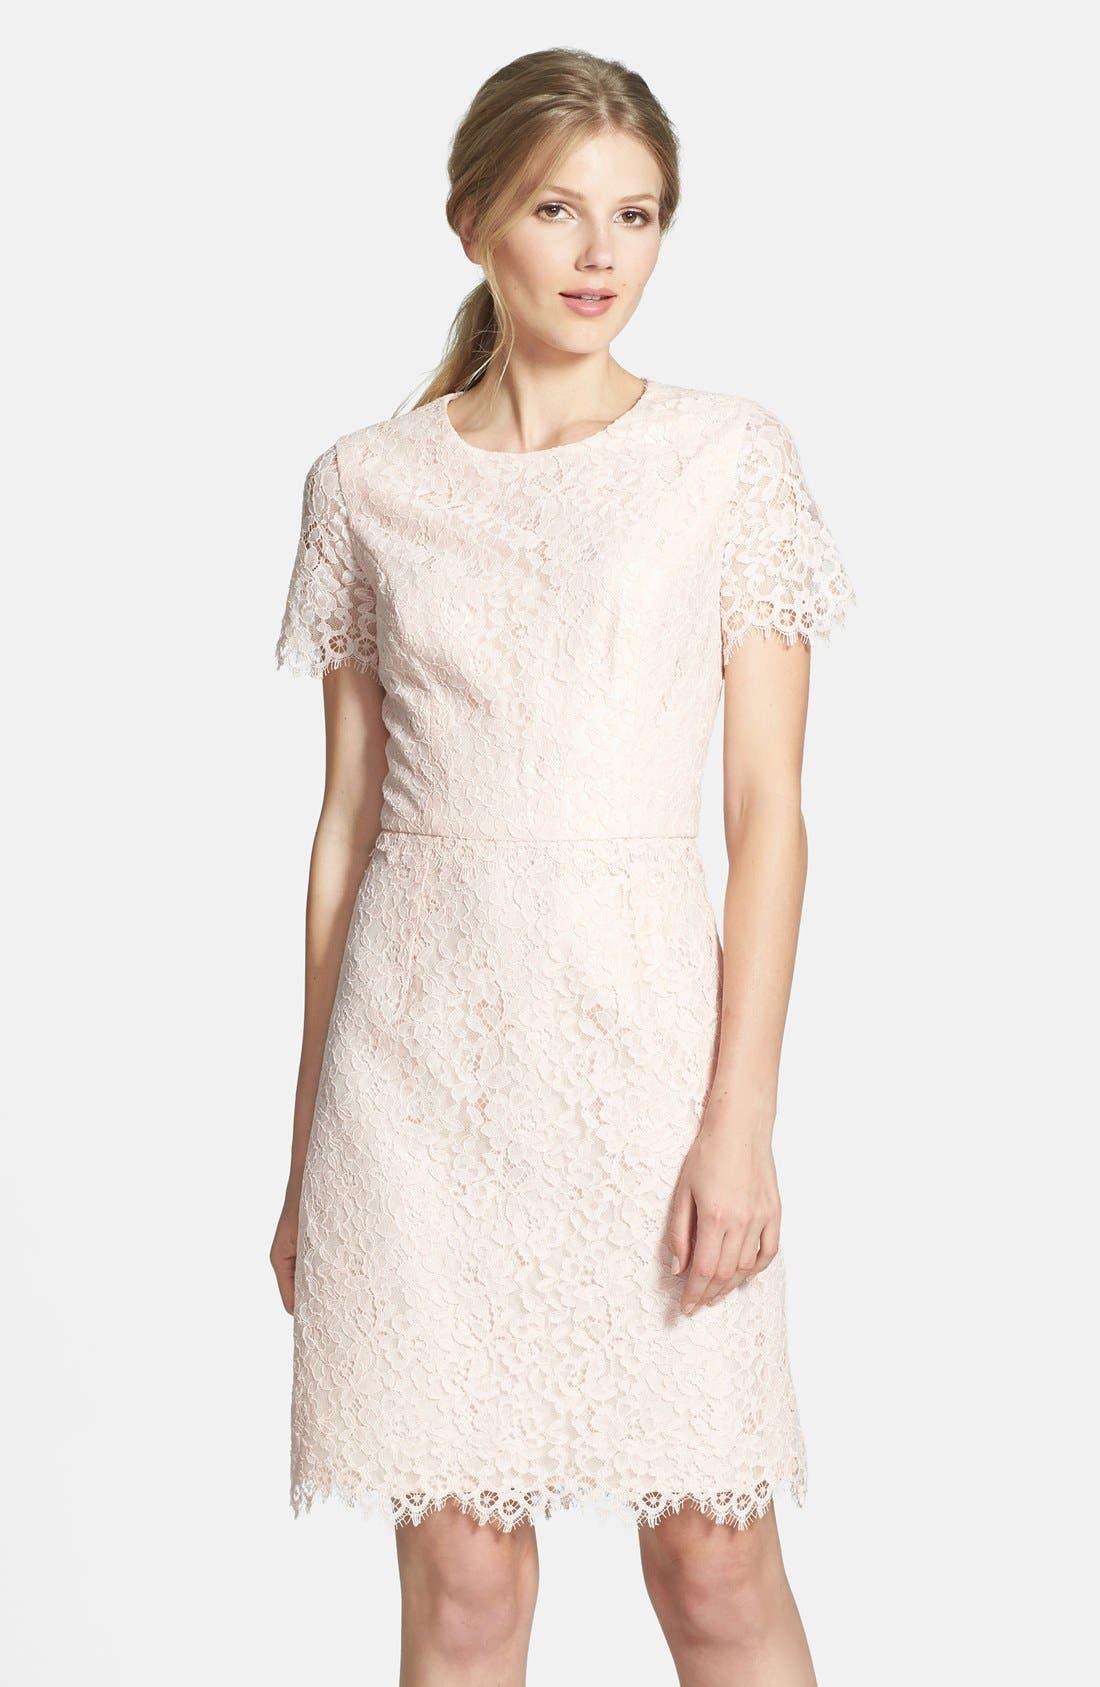 Alternate Image 1 Selected - Shoshanna 'Valeria' Lace Sheath Dress